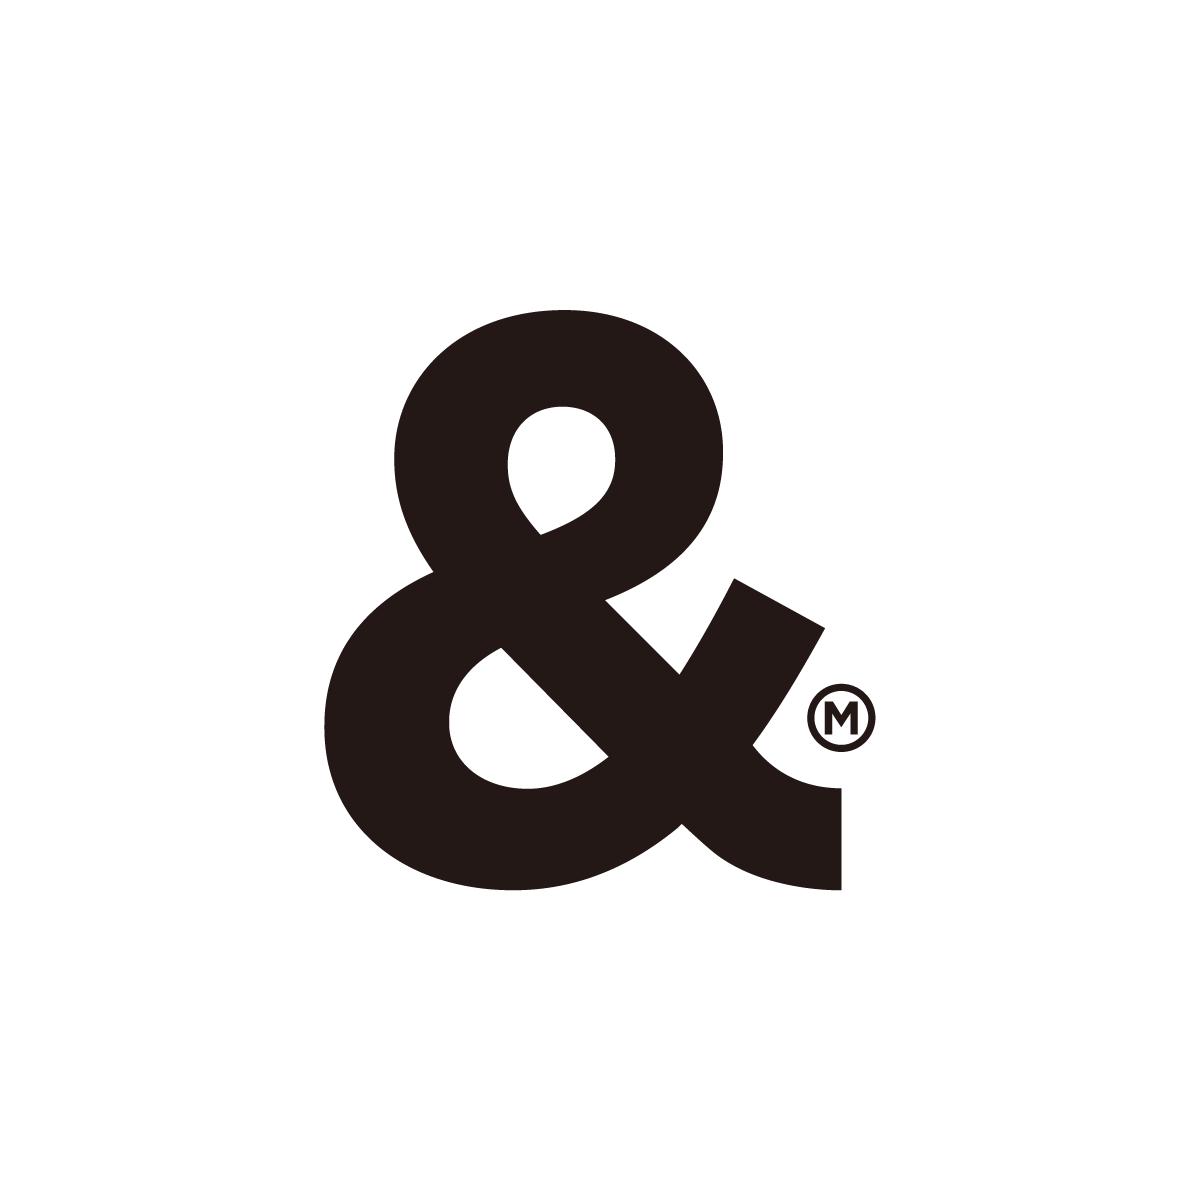 合弁会社「株式会社ミュゼキャリア」設立に関するお知らせ女性の積極的な社会進出のため、女性の就労支援及び雇用創出をサポート! - PRTIMES企業リリース - 朝日新聞デジタル&M